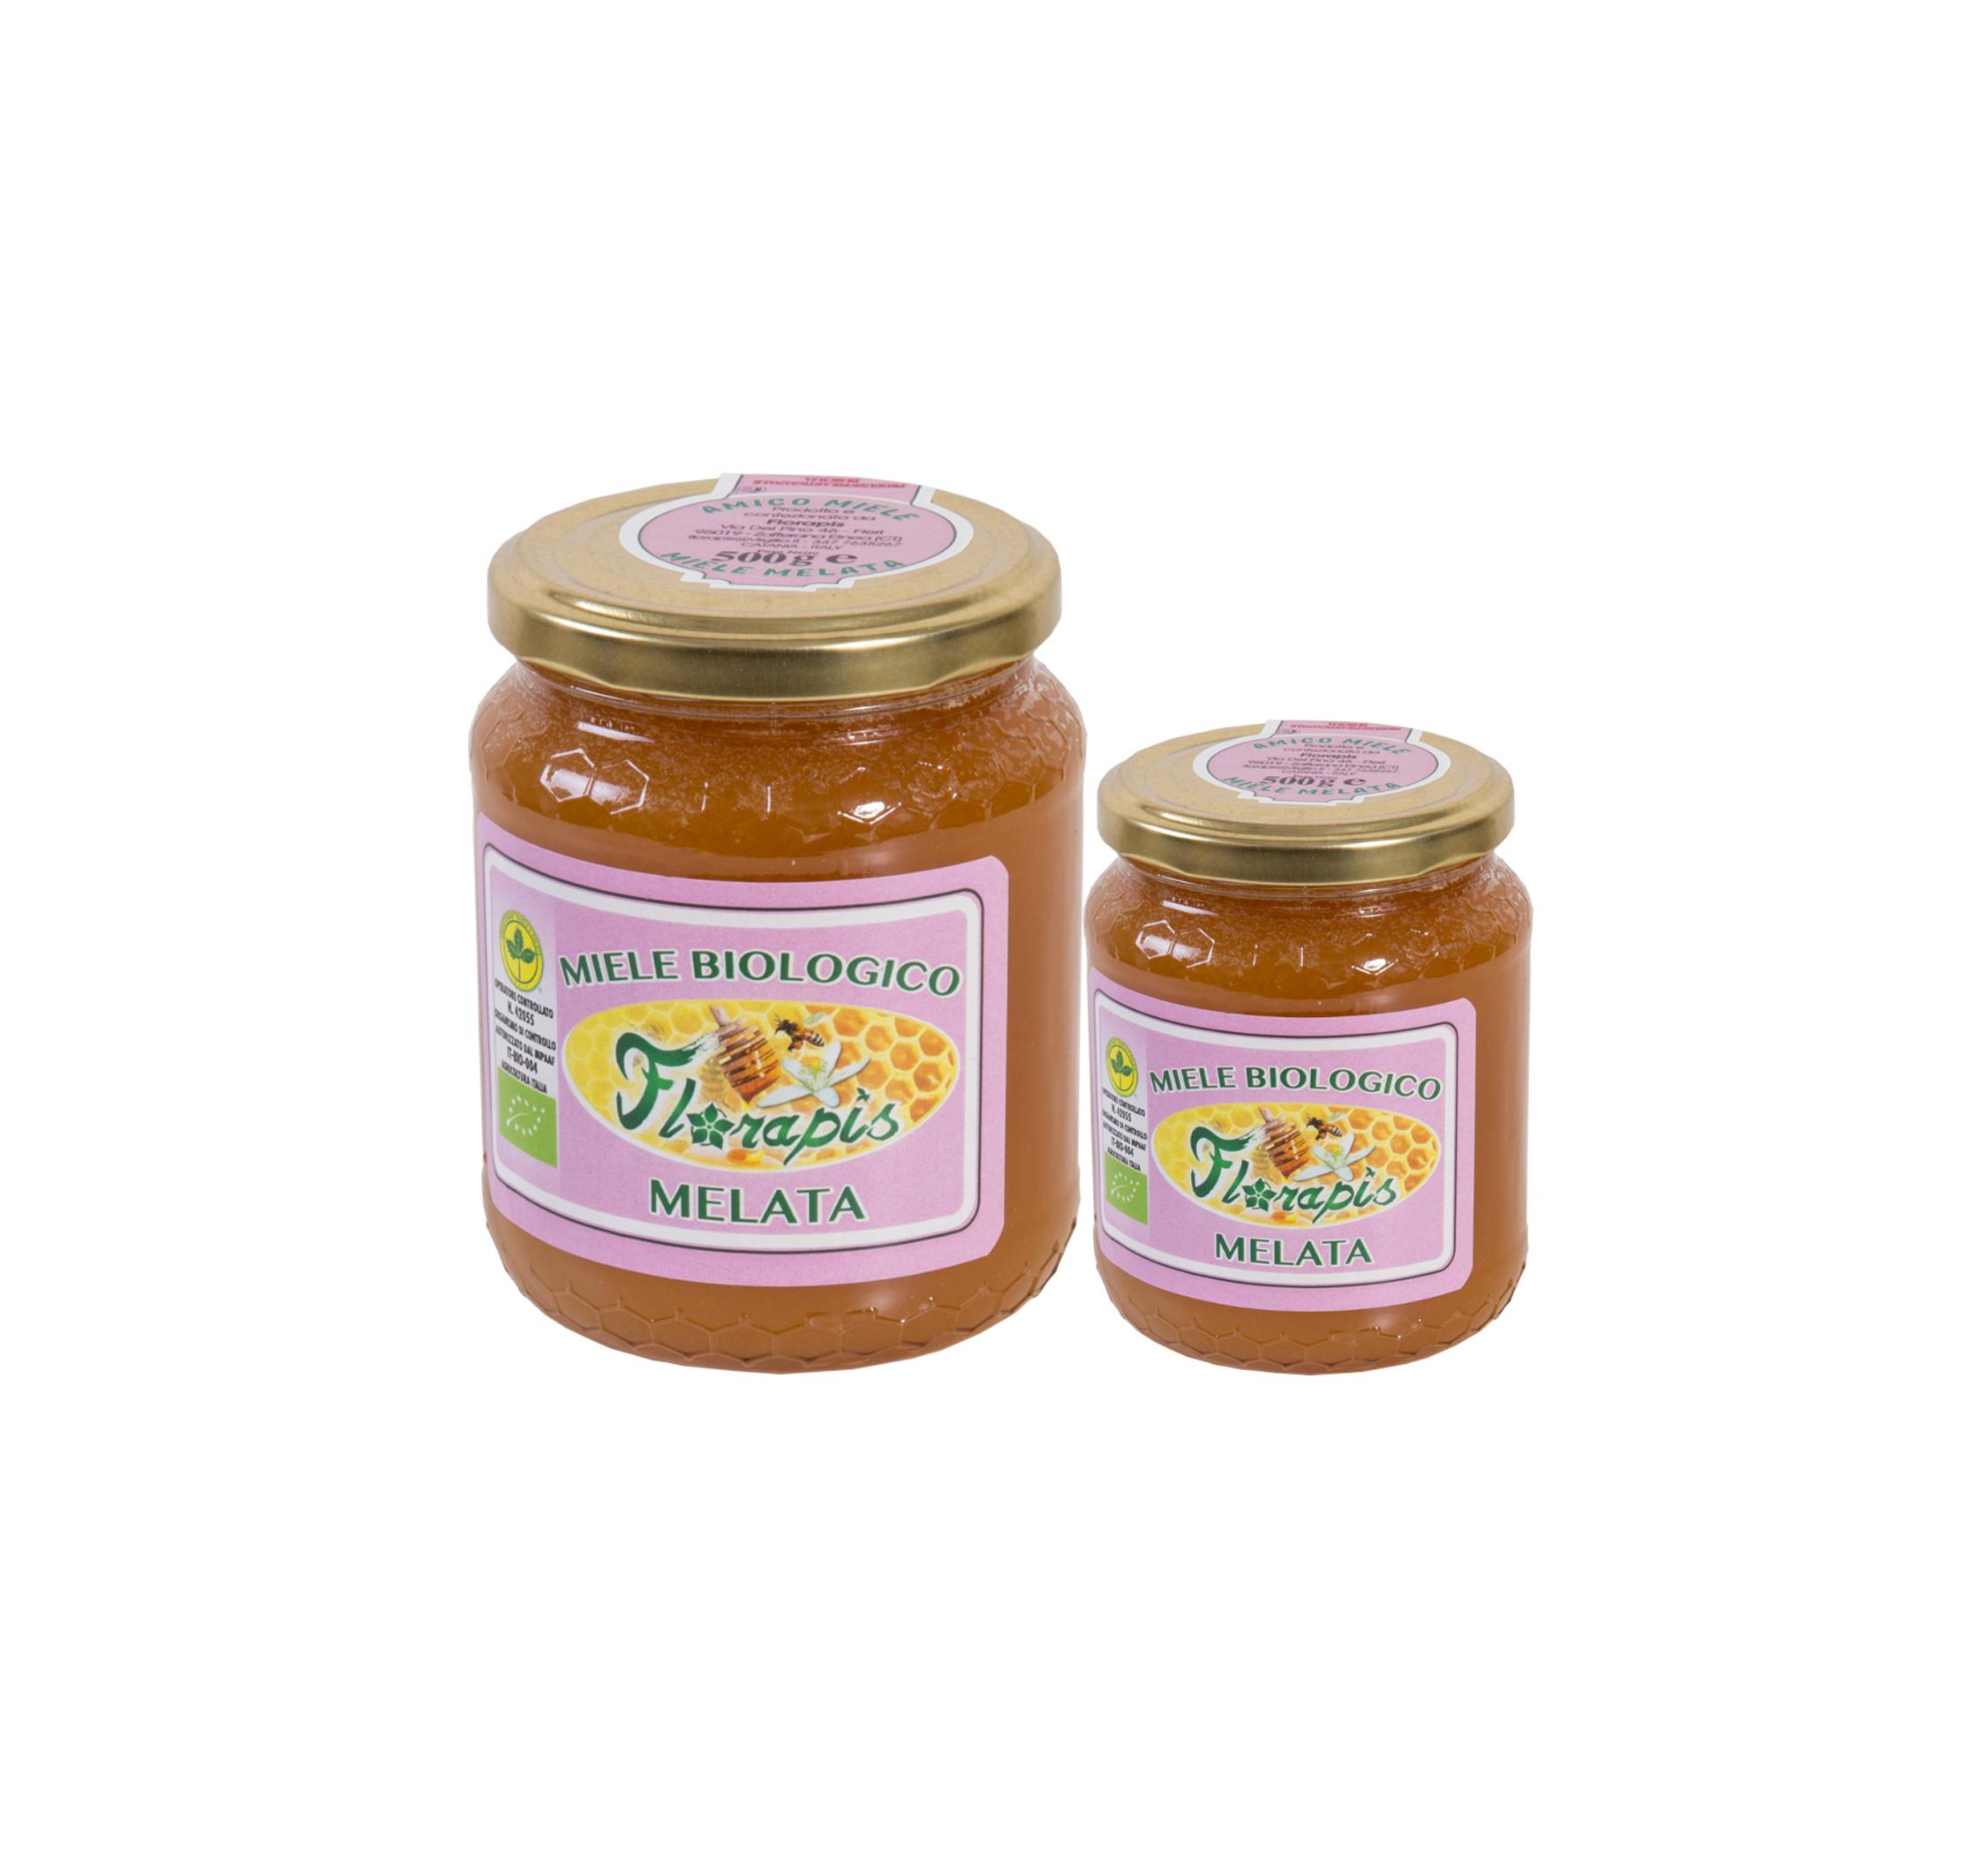 miele biologico fior di melata